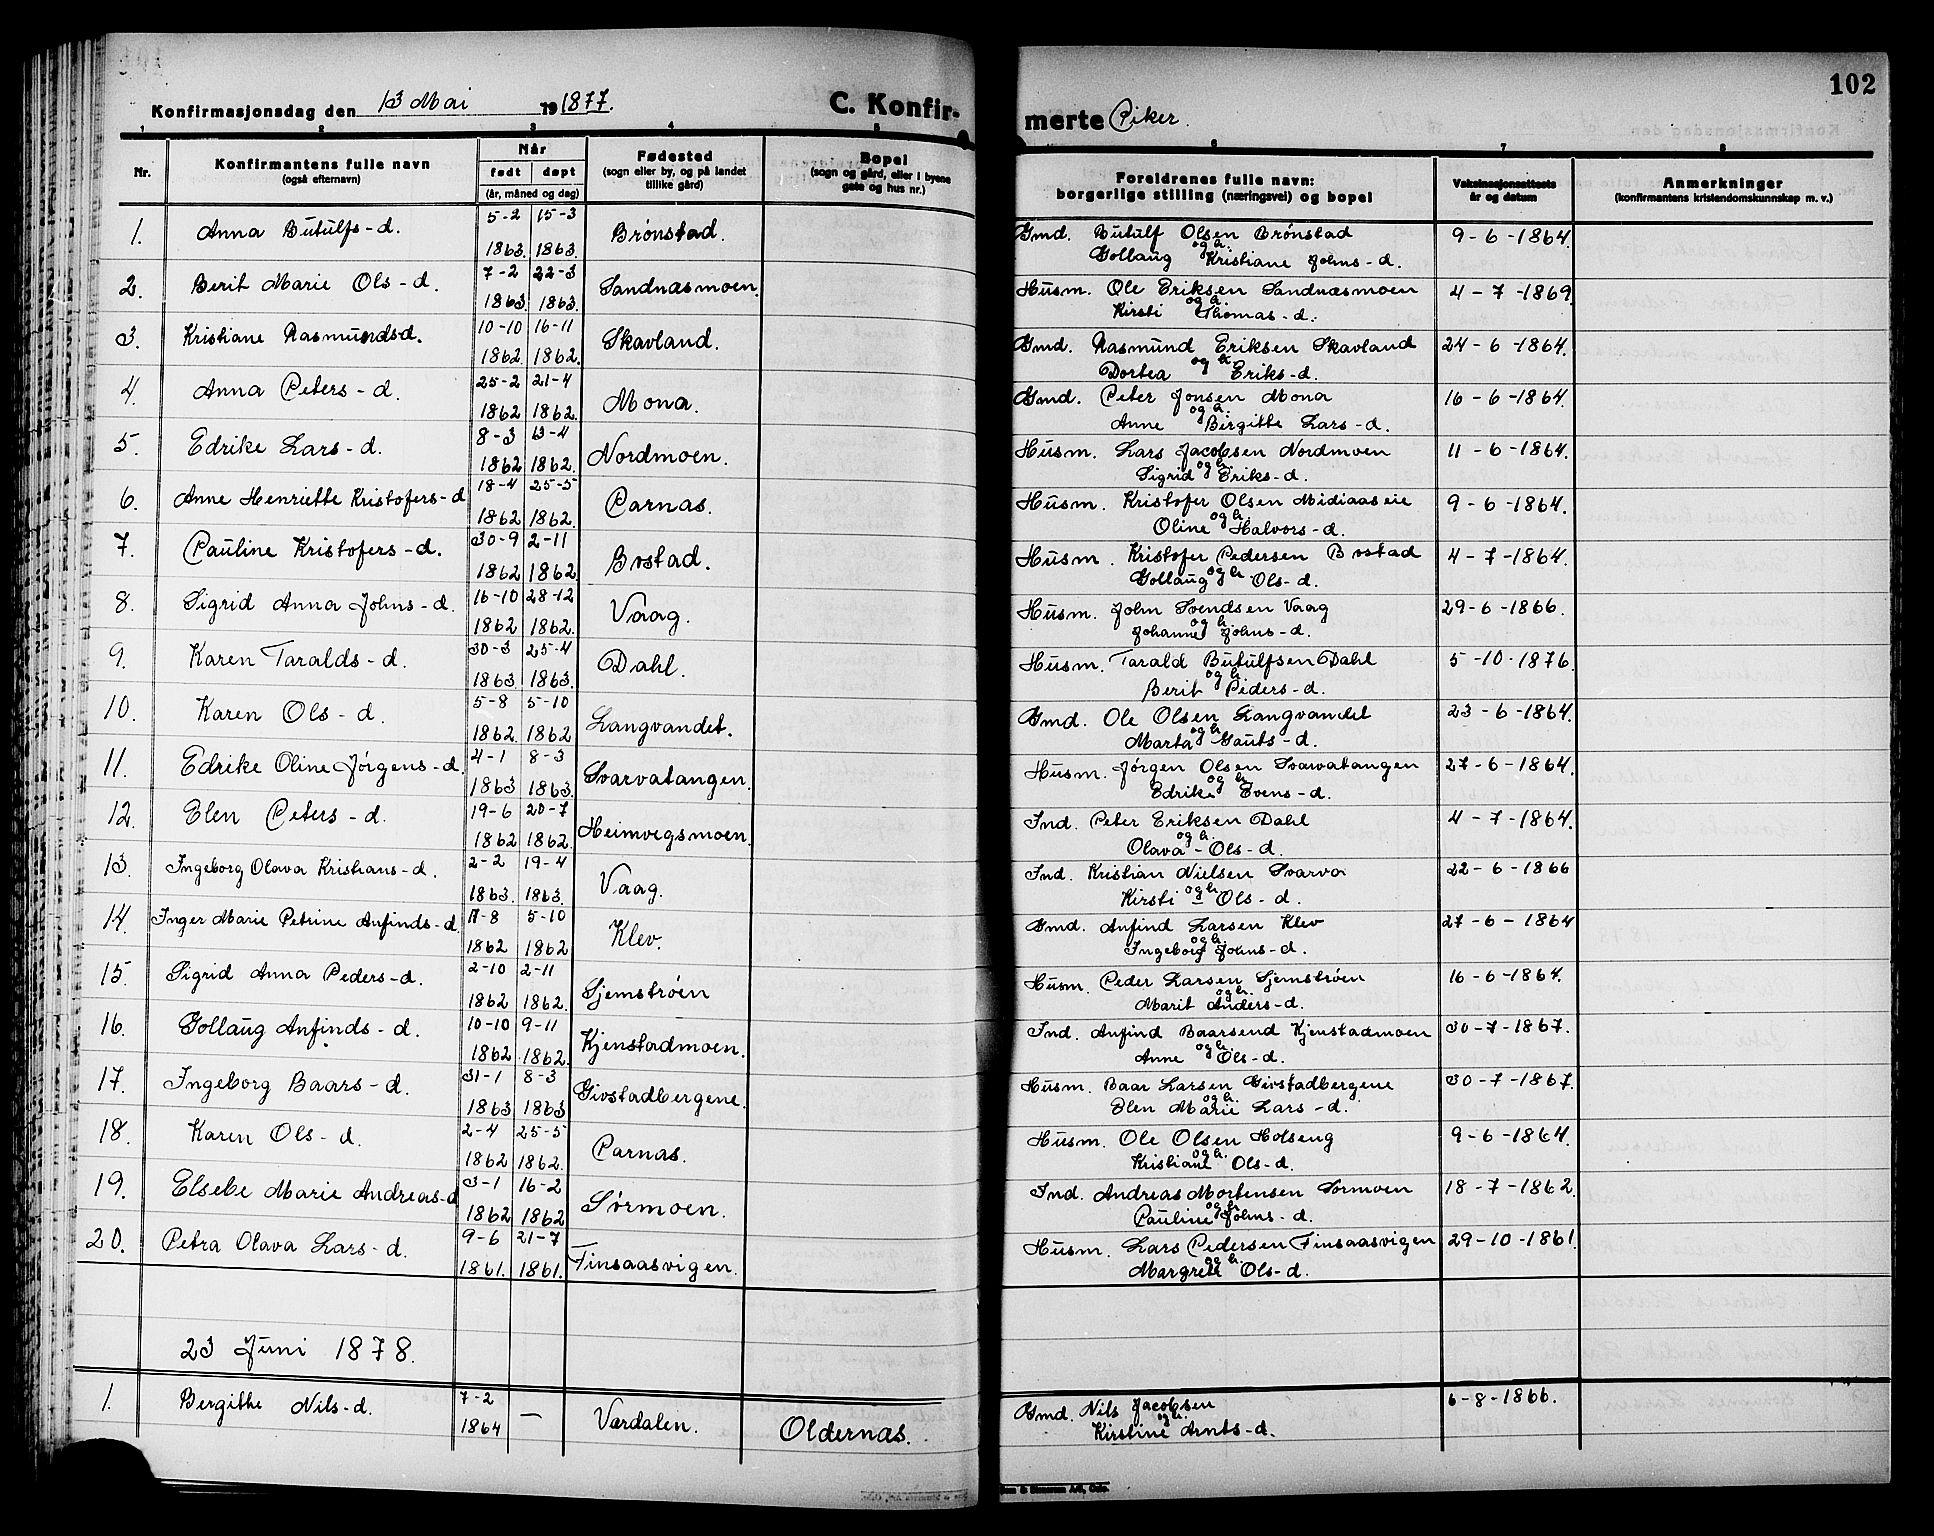 SAT, Ministerialprotokoller, klokkerbøker og fødselsregistre - Nord-Trøndelag, 749/L0486: Ministerialbok nr. 749D02, 1873-1887, s. 102